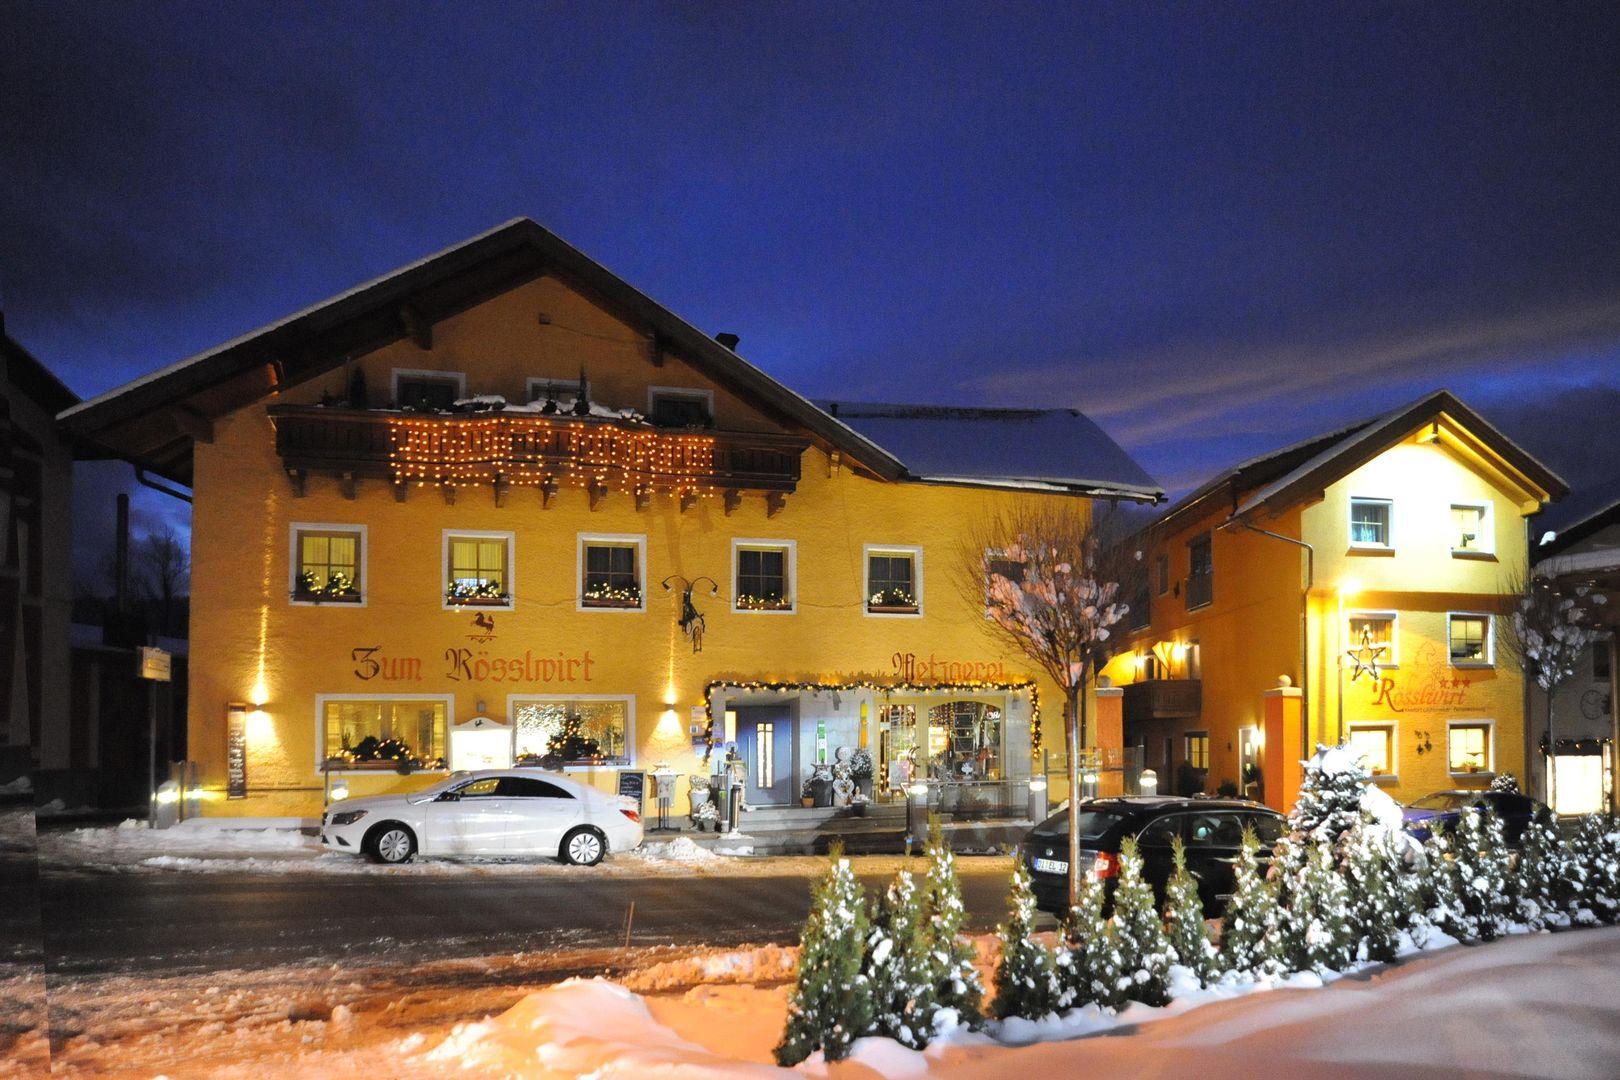 Meer info over Hotel Rösslwirt  bij Wintertrex